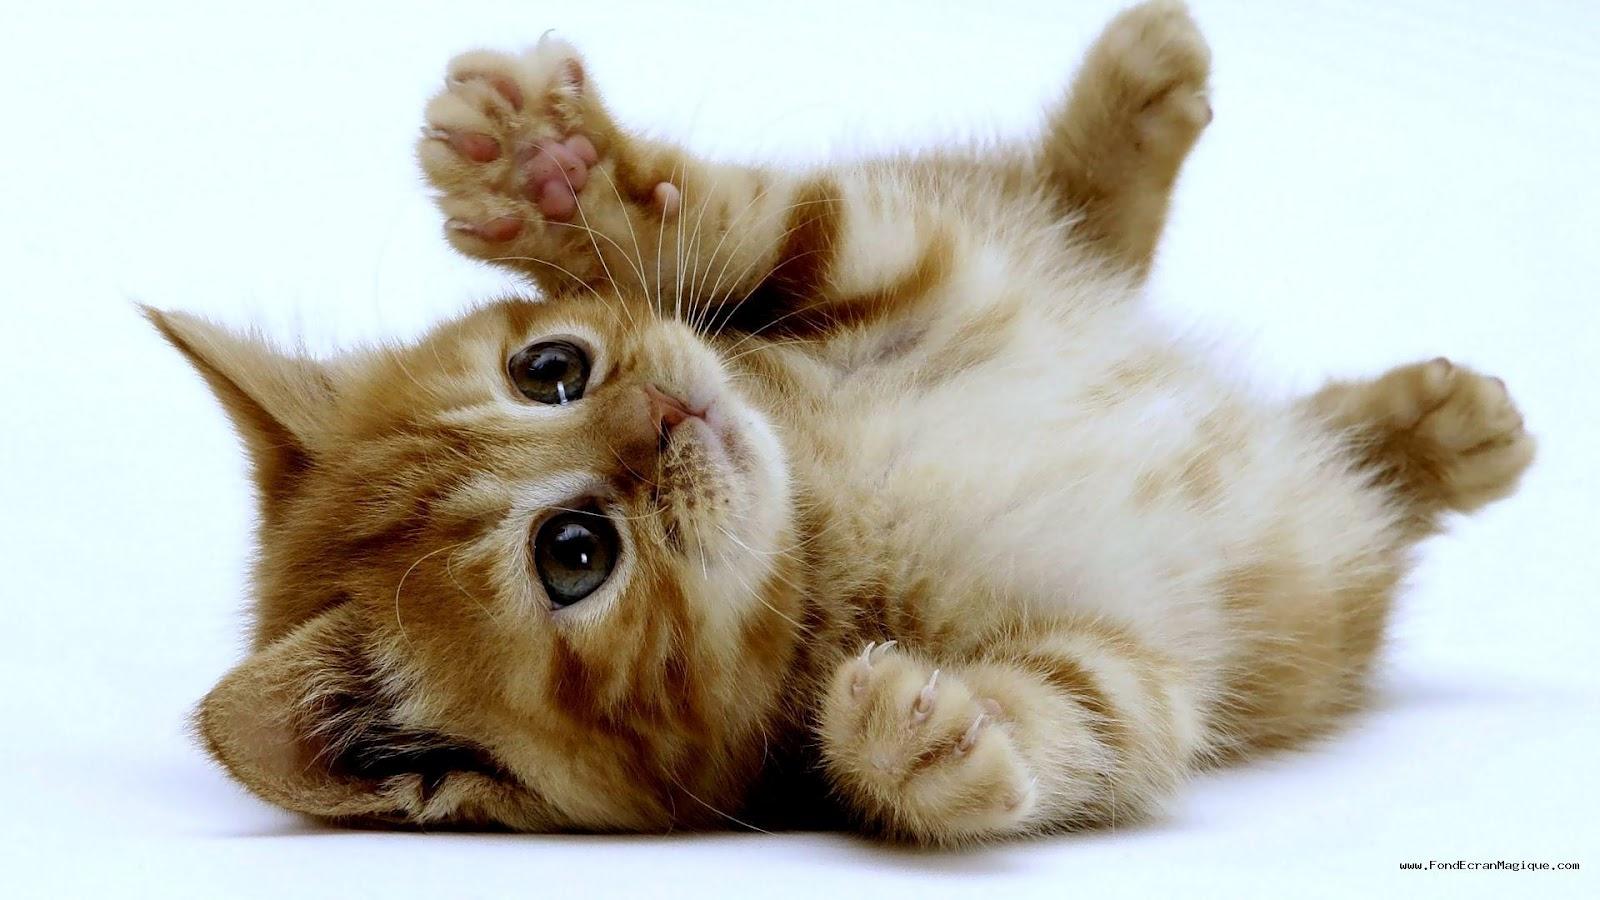 Les chatons trop gnon les animaux trop mignons - Photo chaton trop mignon ...